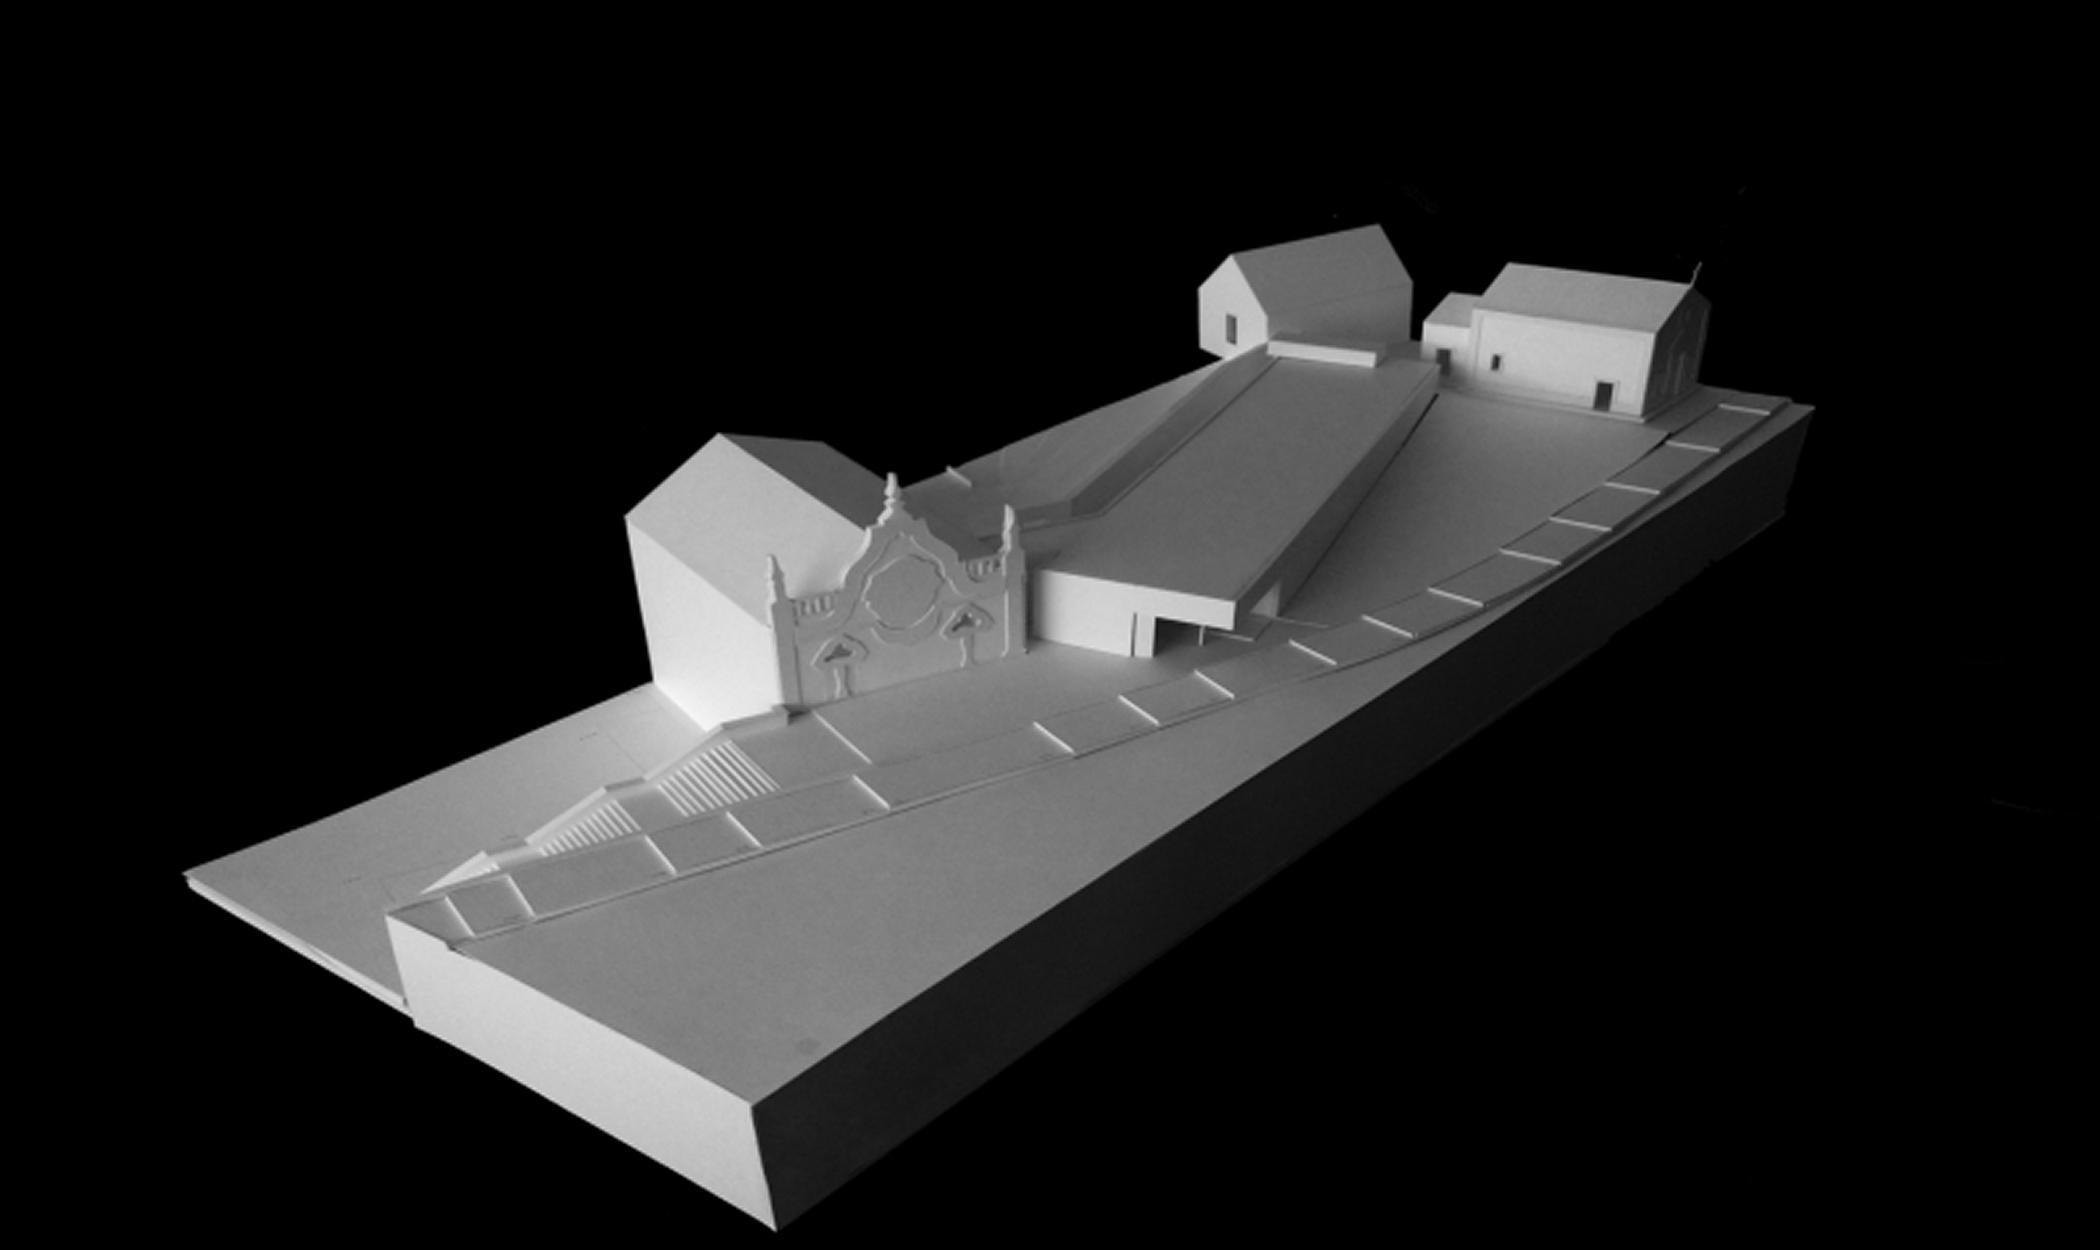 Reabilitação do Museu Abade Pedrosa